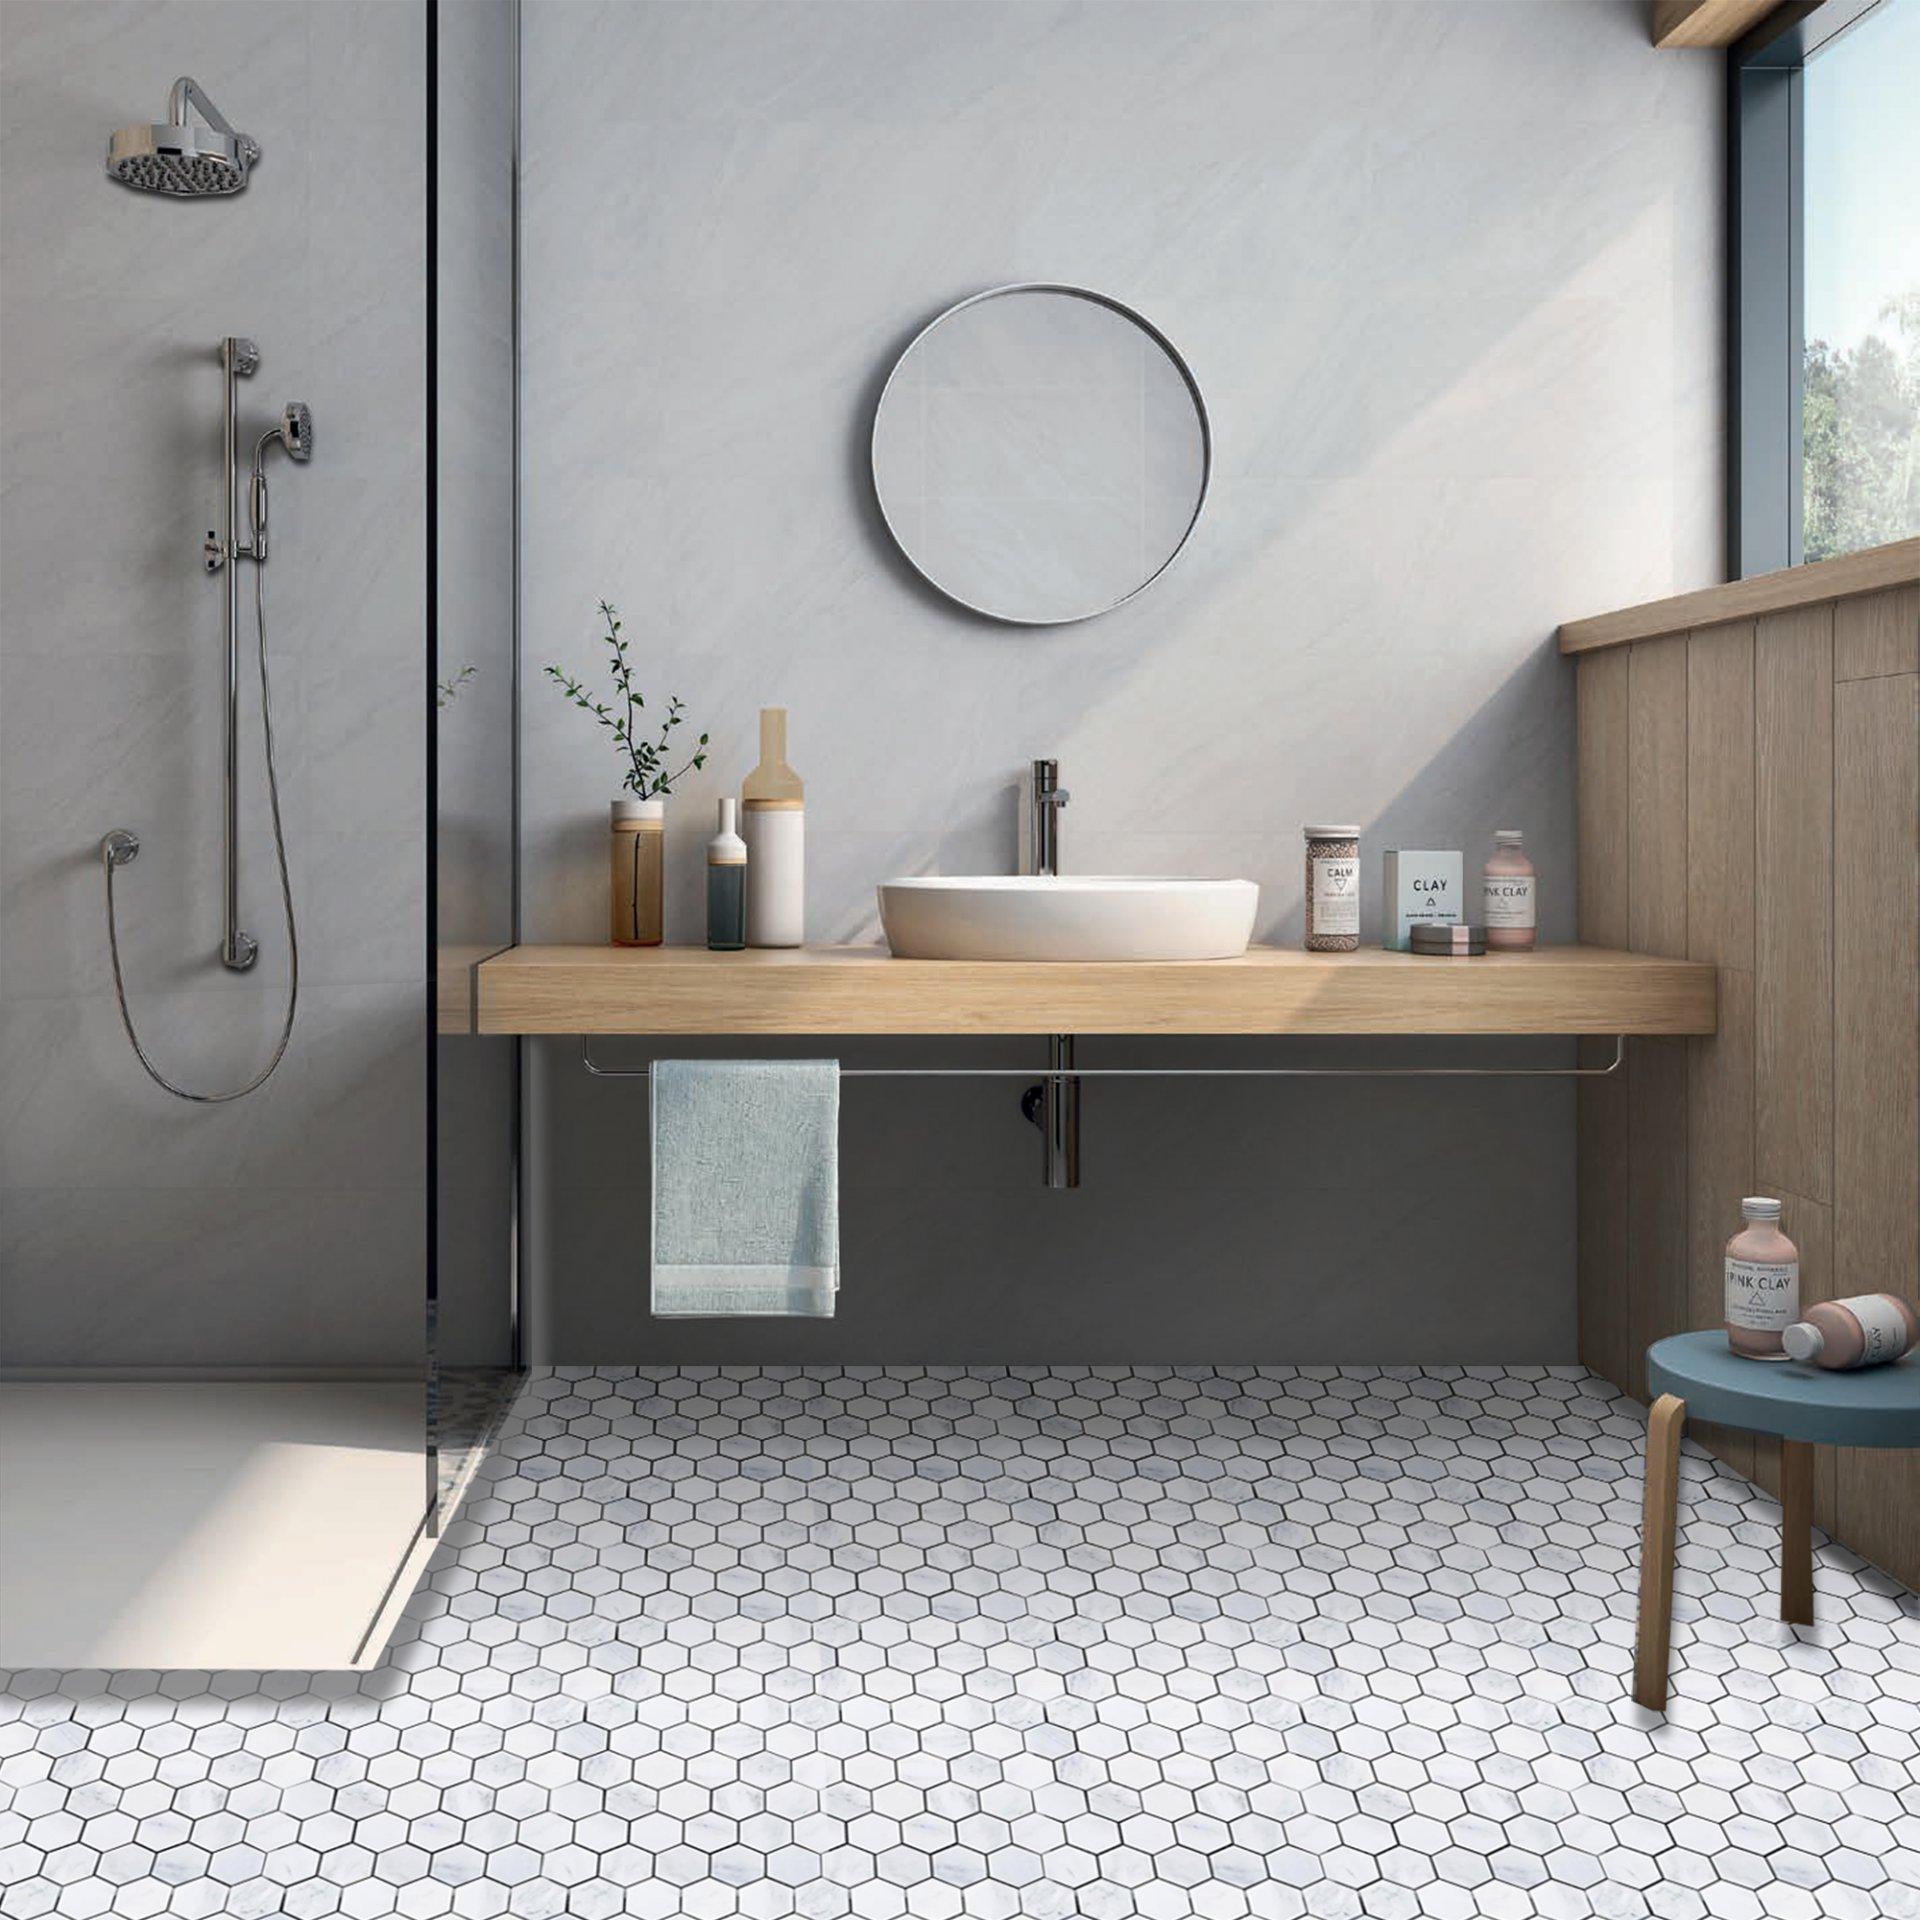 2X2 HEXAGON BIANCO CARRARA MARBLE POLISHED bathroom_1_2